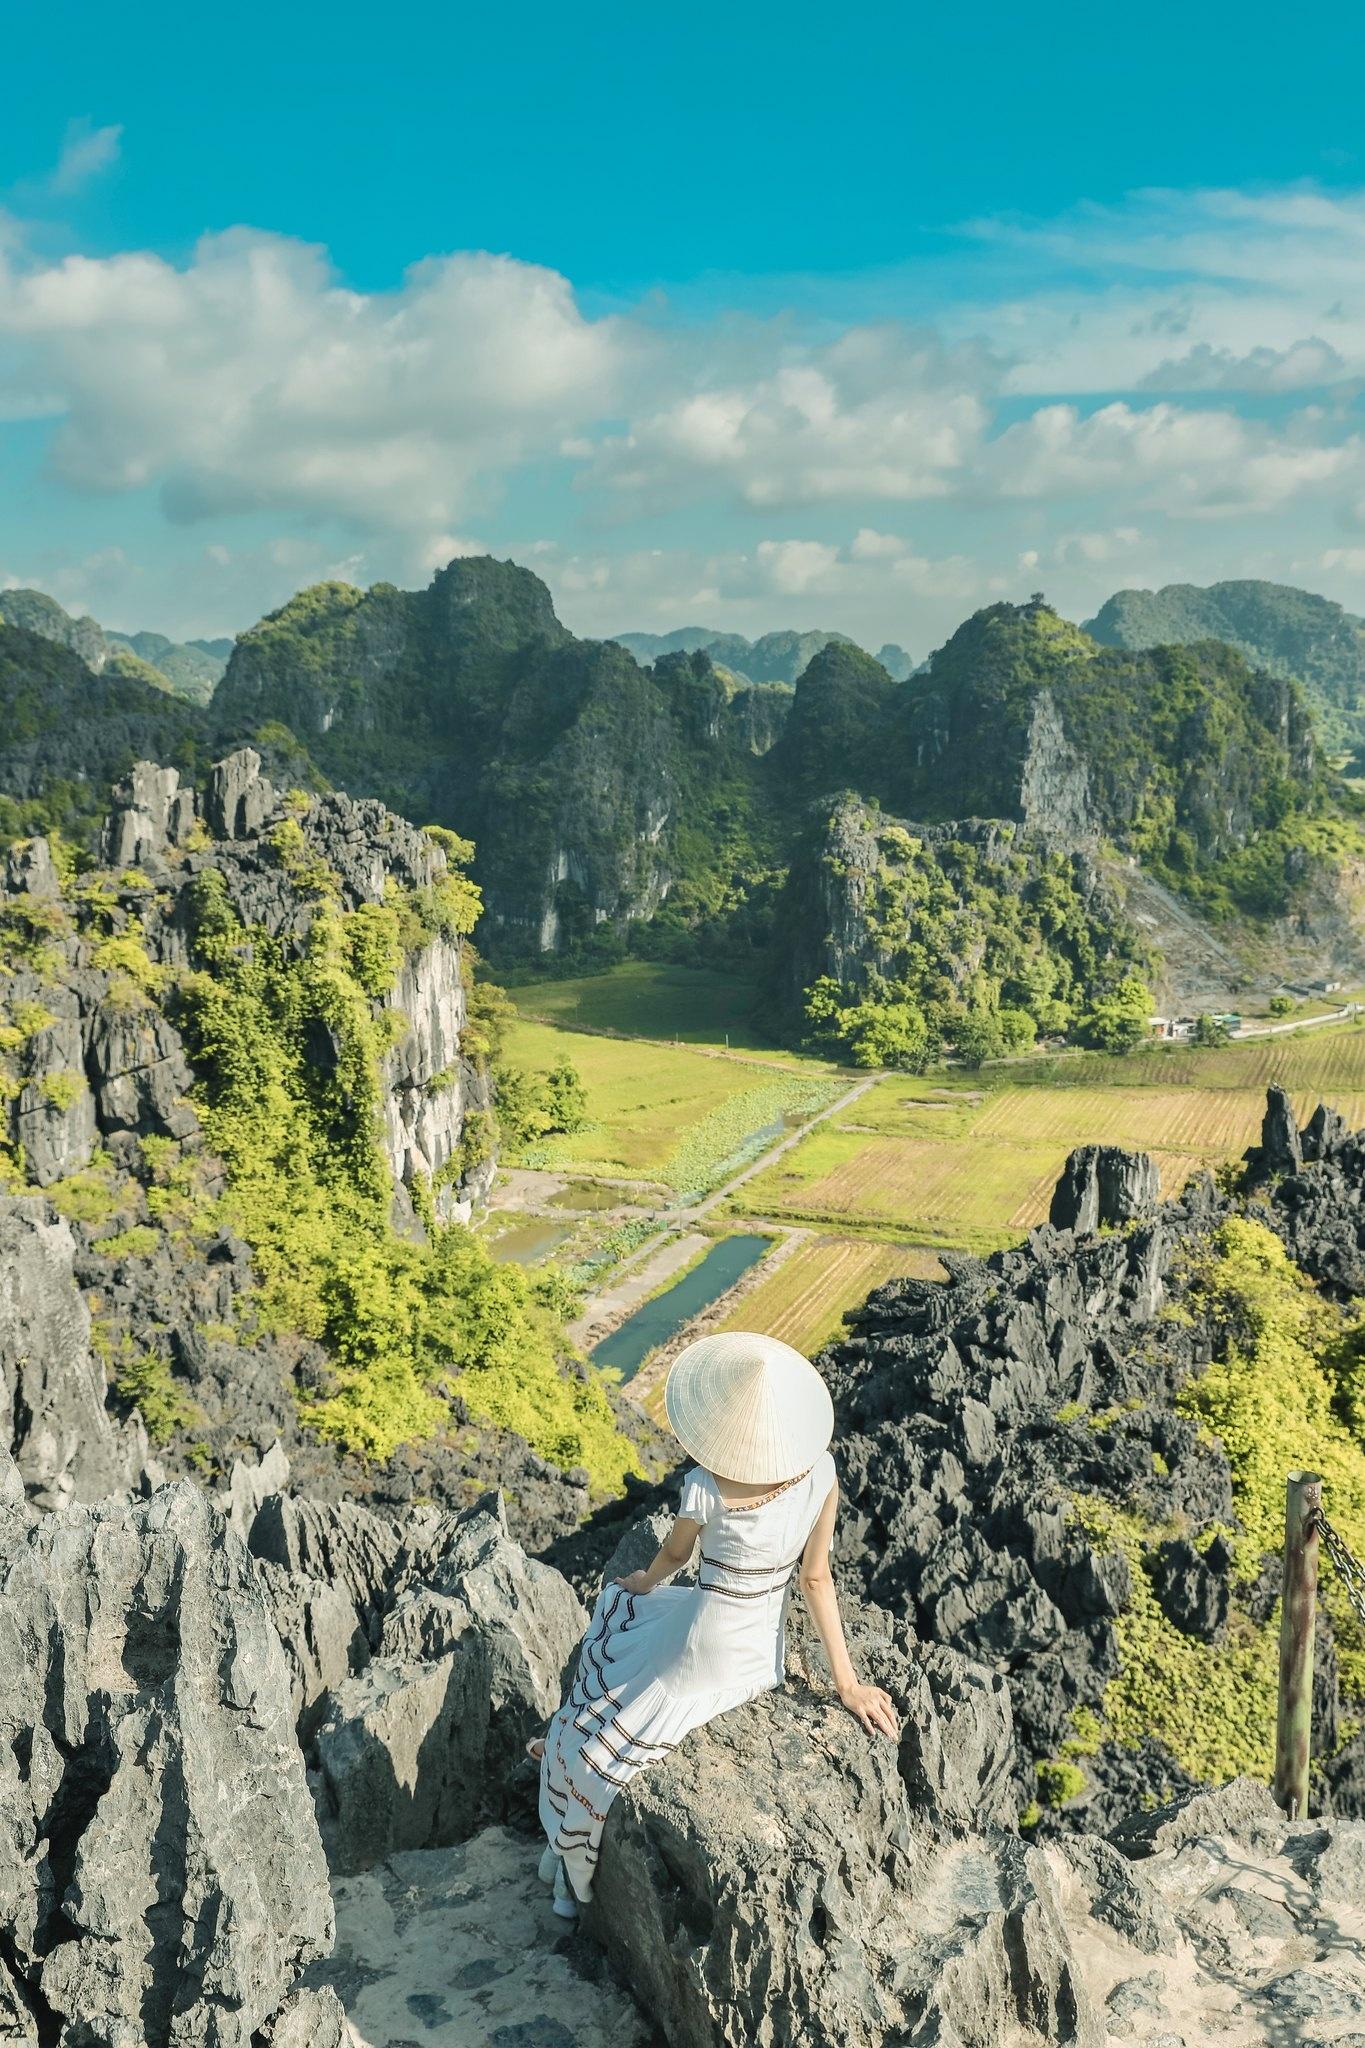 Cảnh đẹp ở cánh đồng sen Ninh Bình - Ảnh 6.